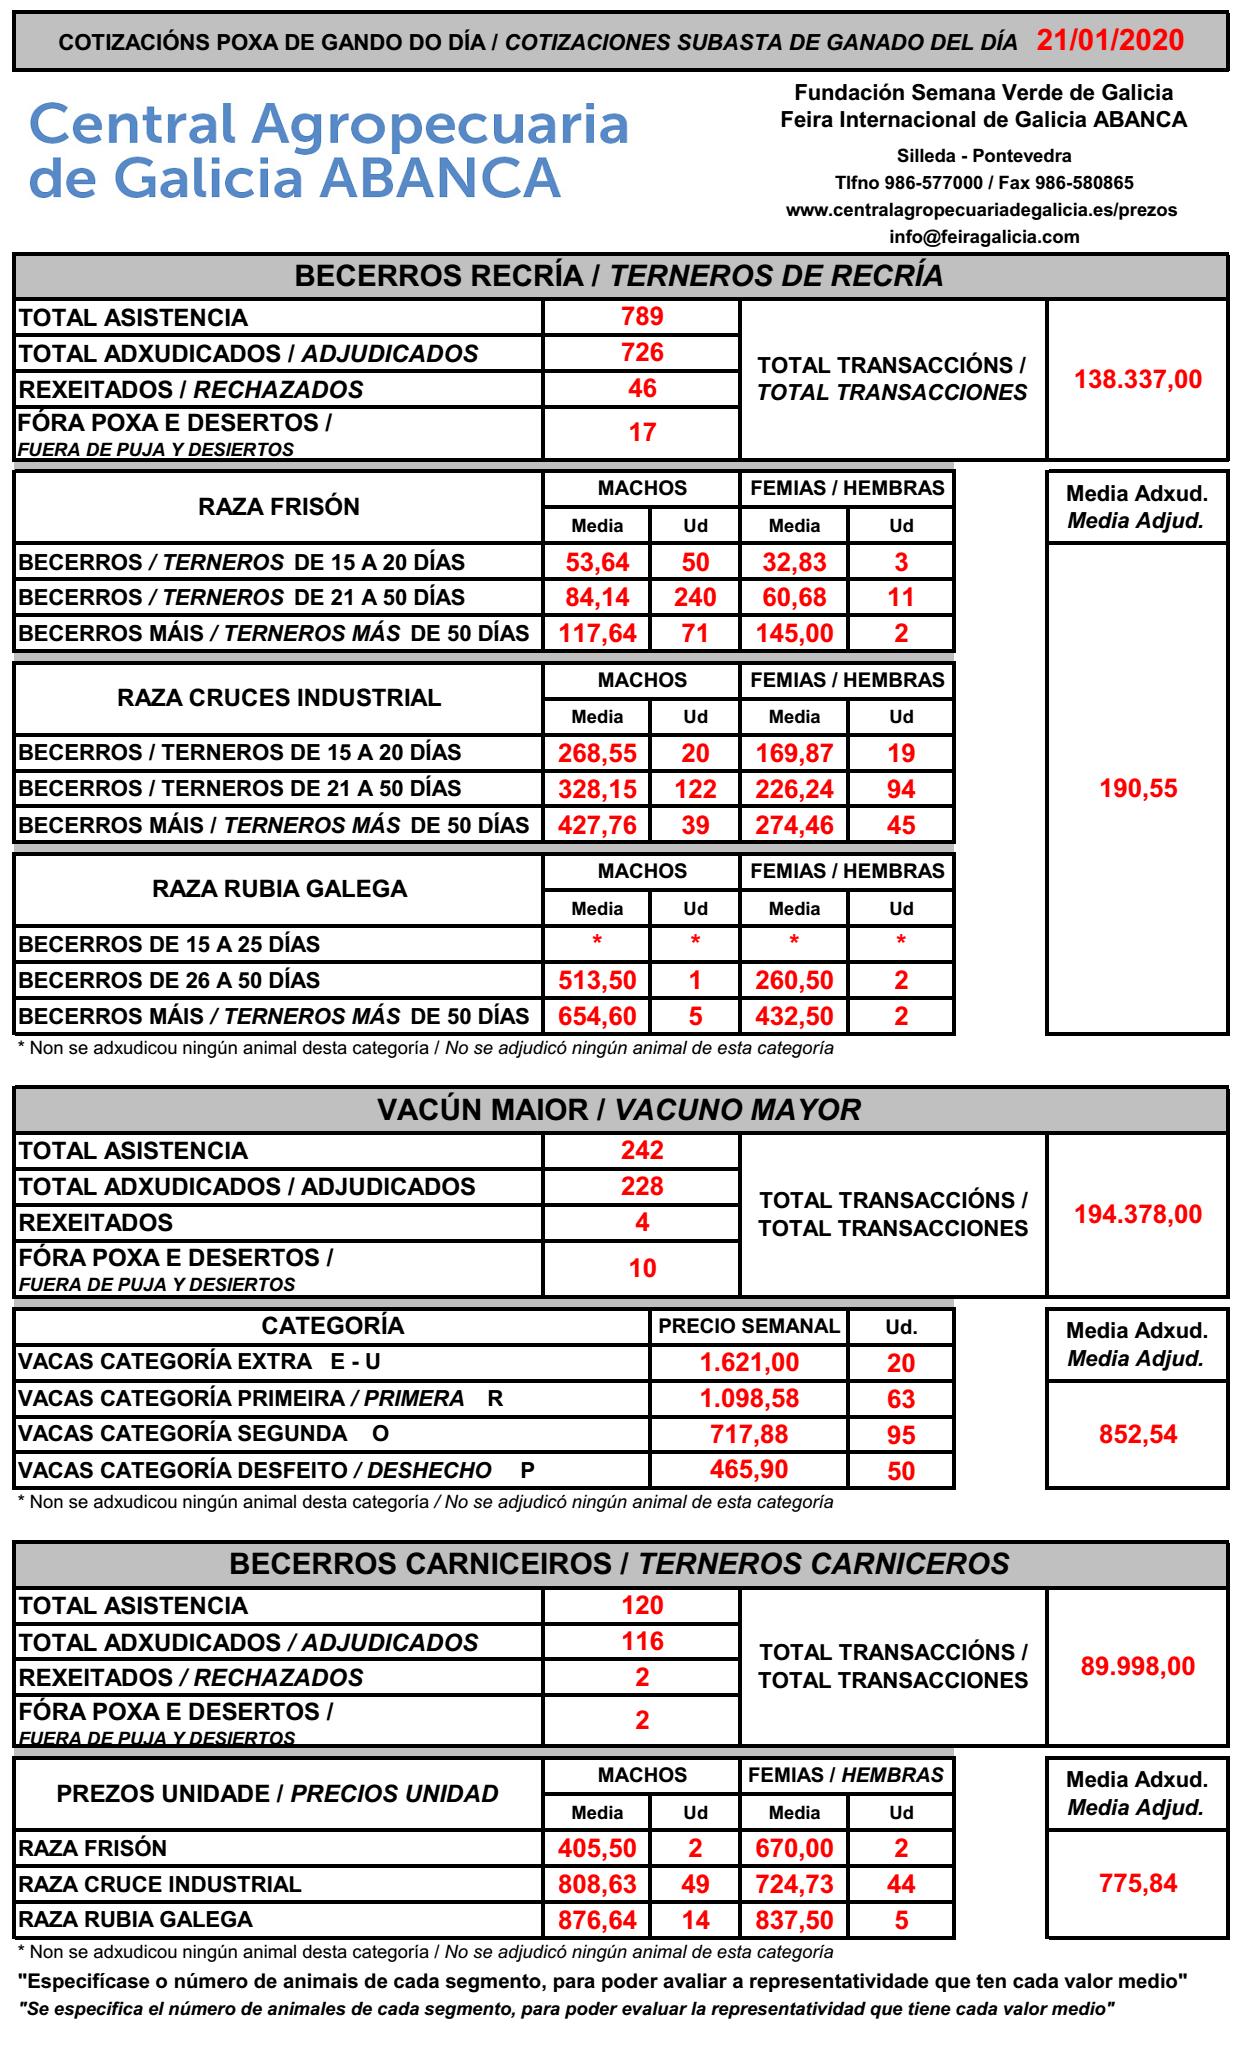 silleda 2020 XANEIRO vacun